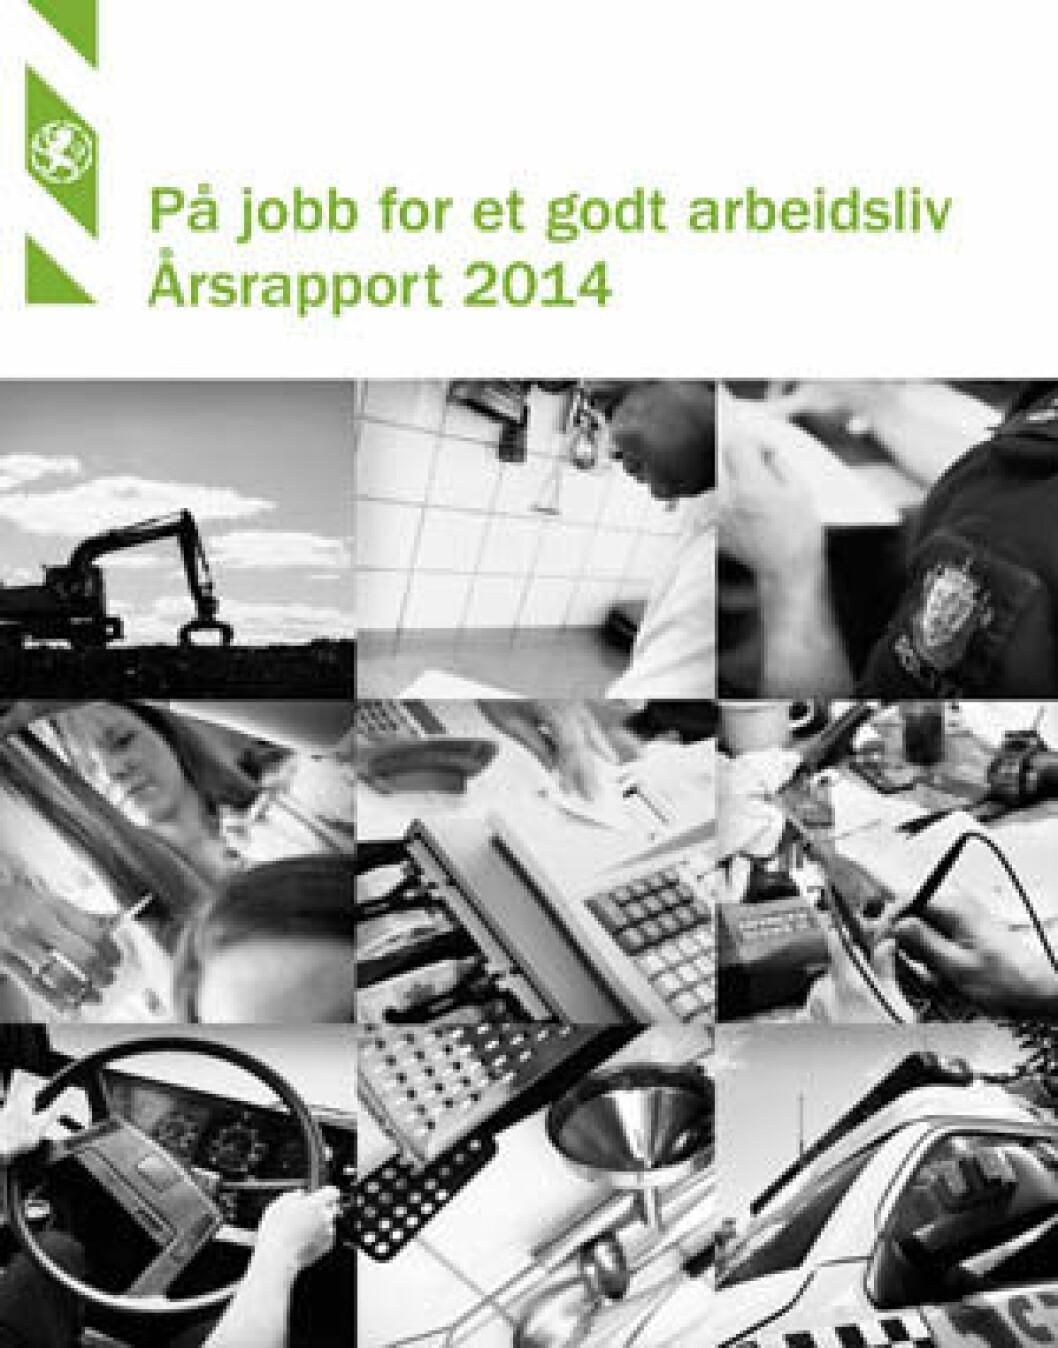 Atil årsrapport 2014 lang